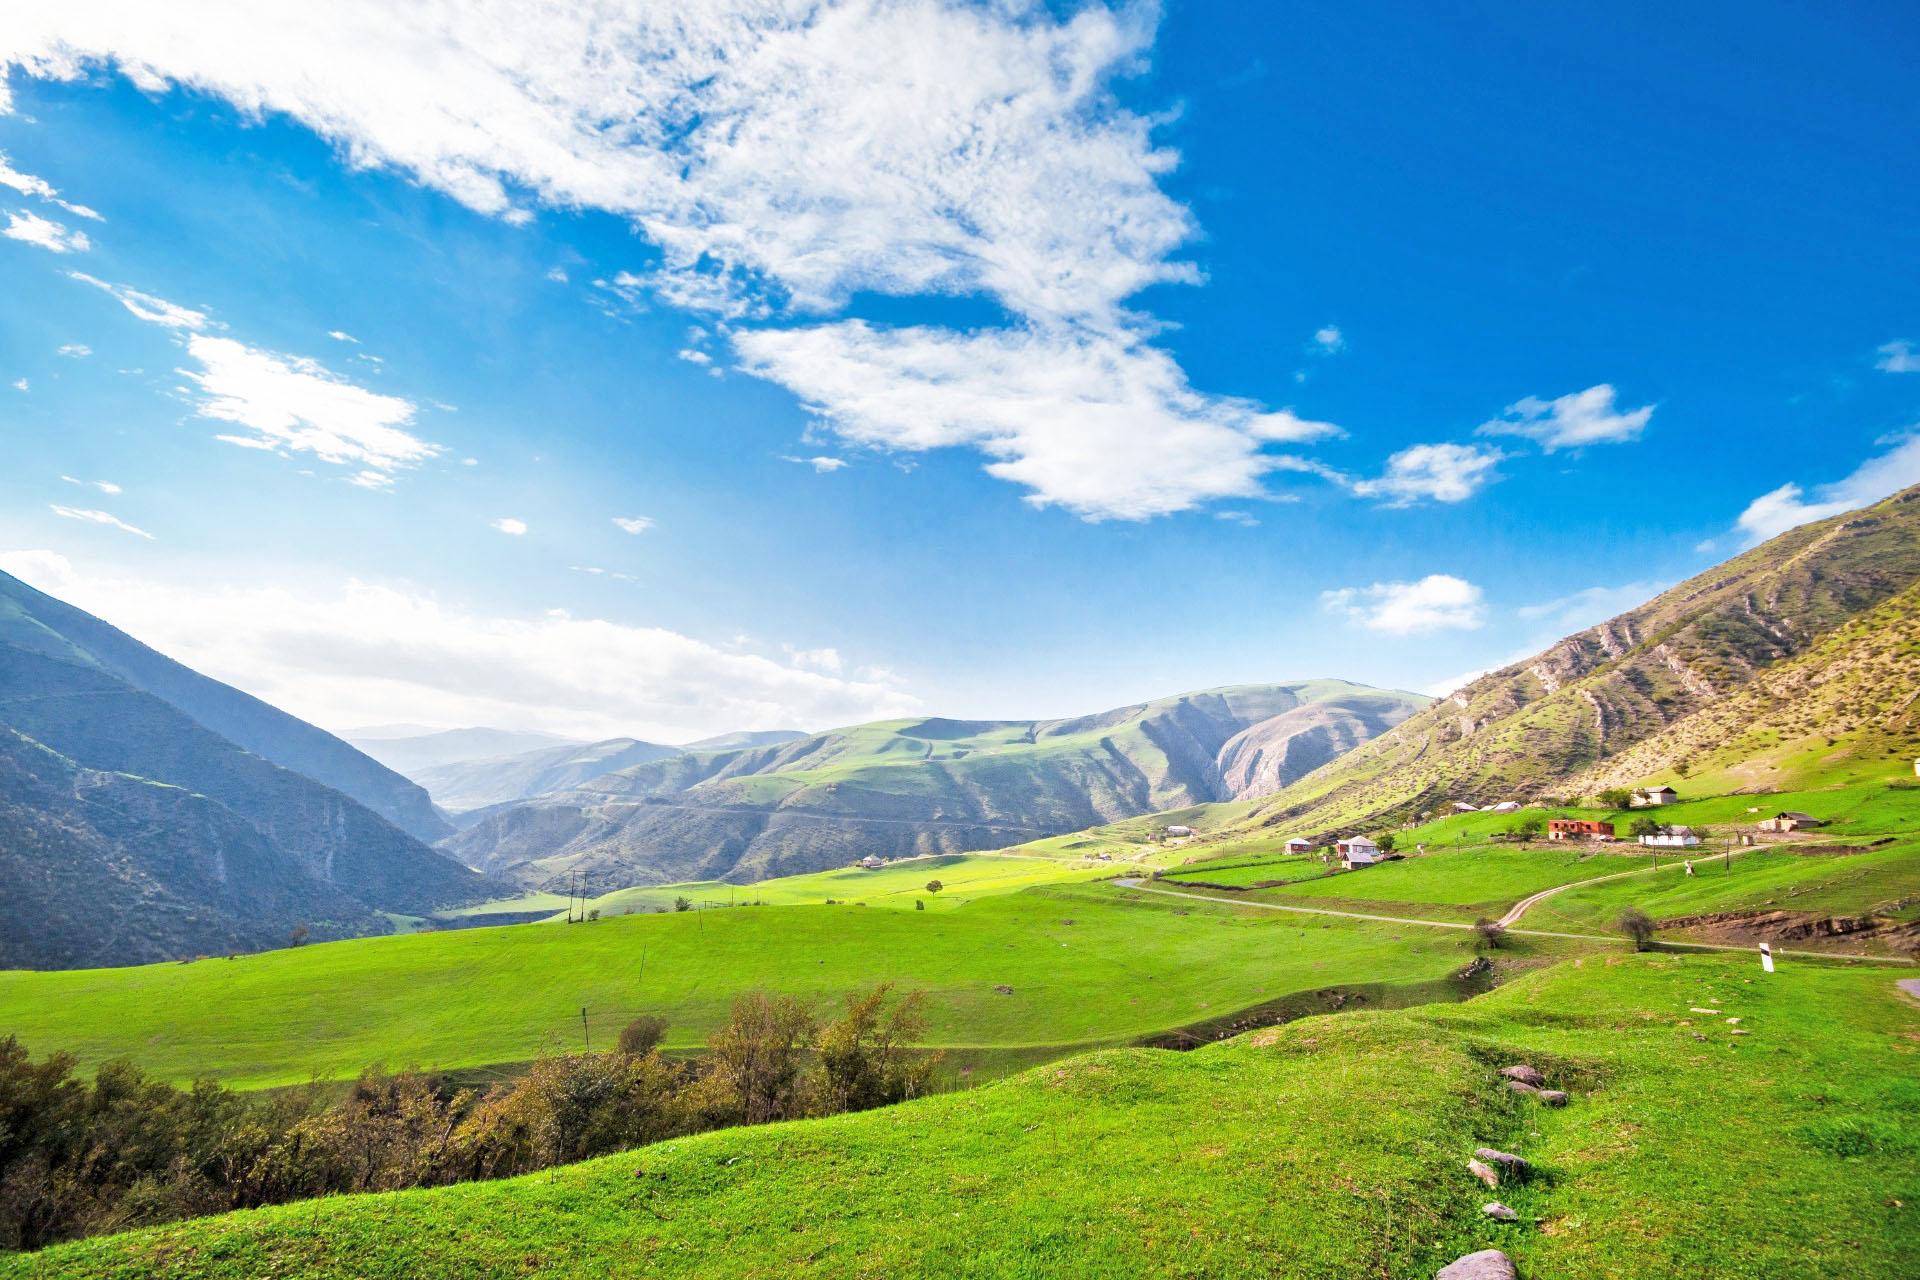 タリシュ山脈の風景 アゼルバイジャンの風景